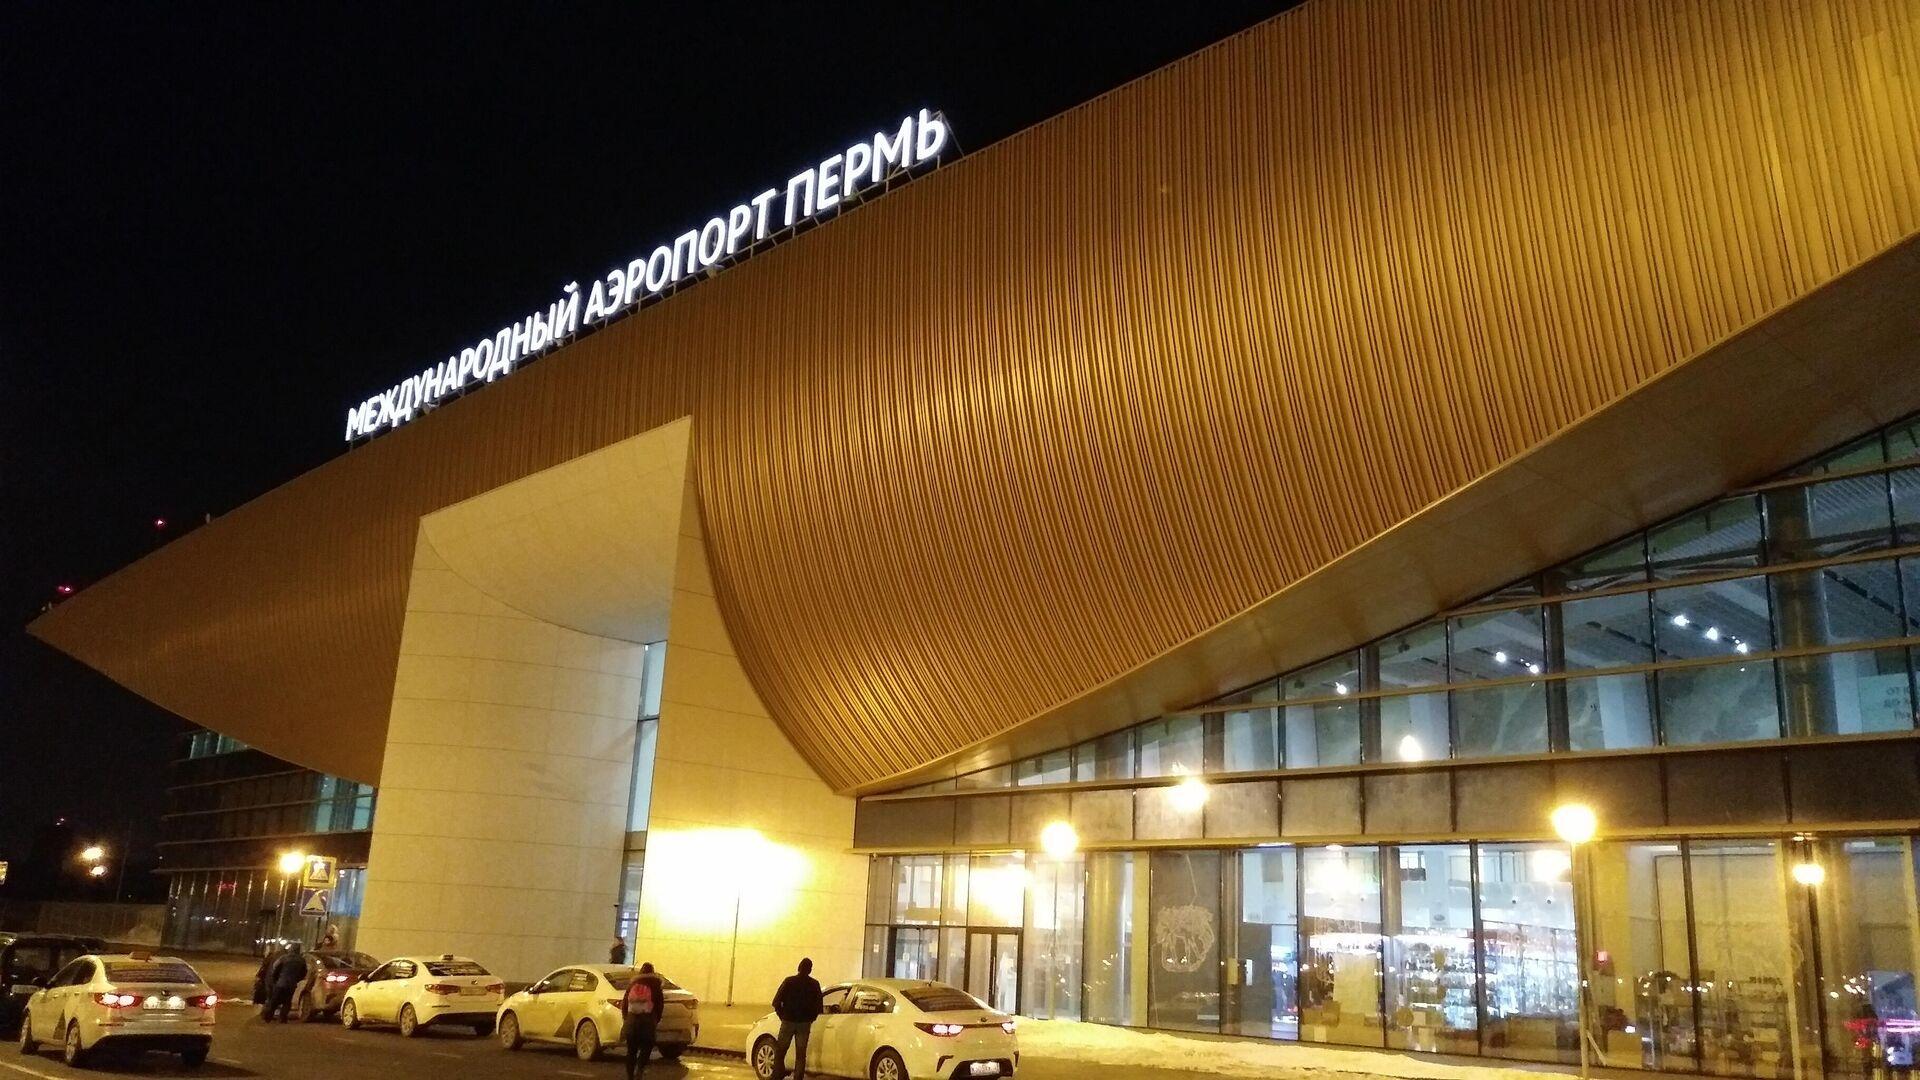 Пермский аэропорт Большое Савино - РИА Новости, 1920, 04.08.2021